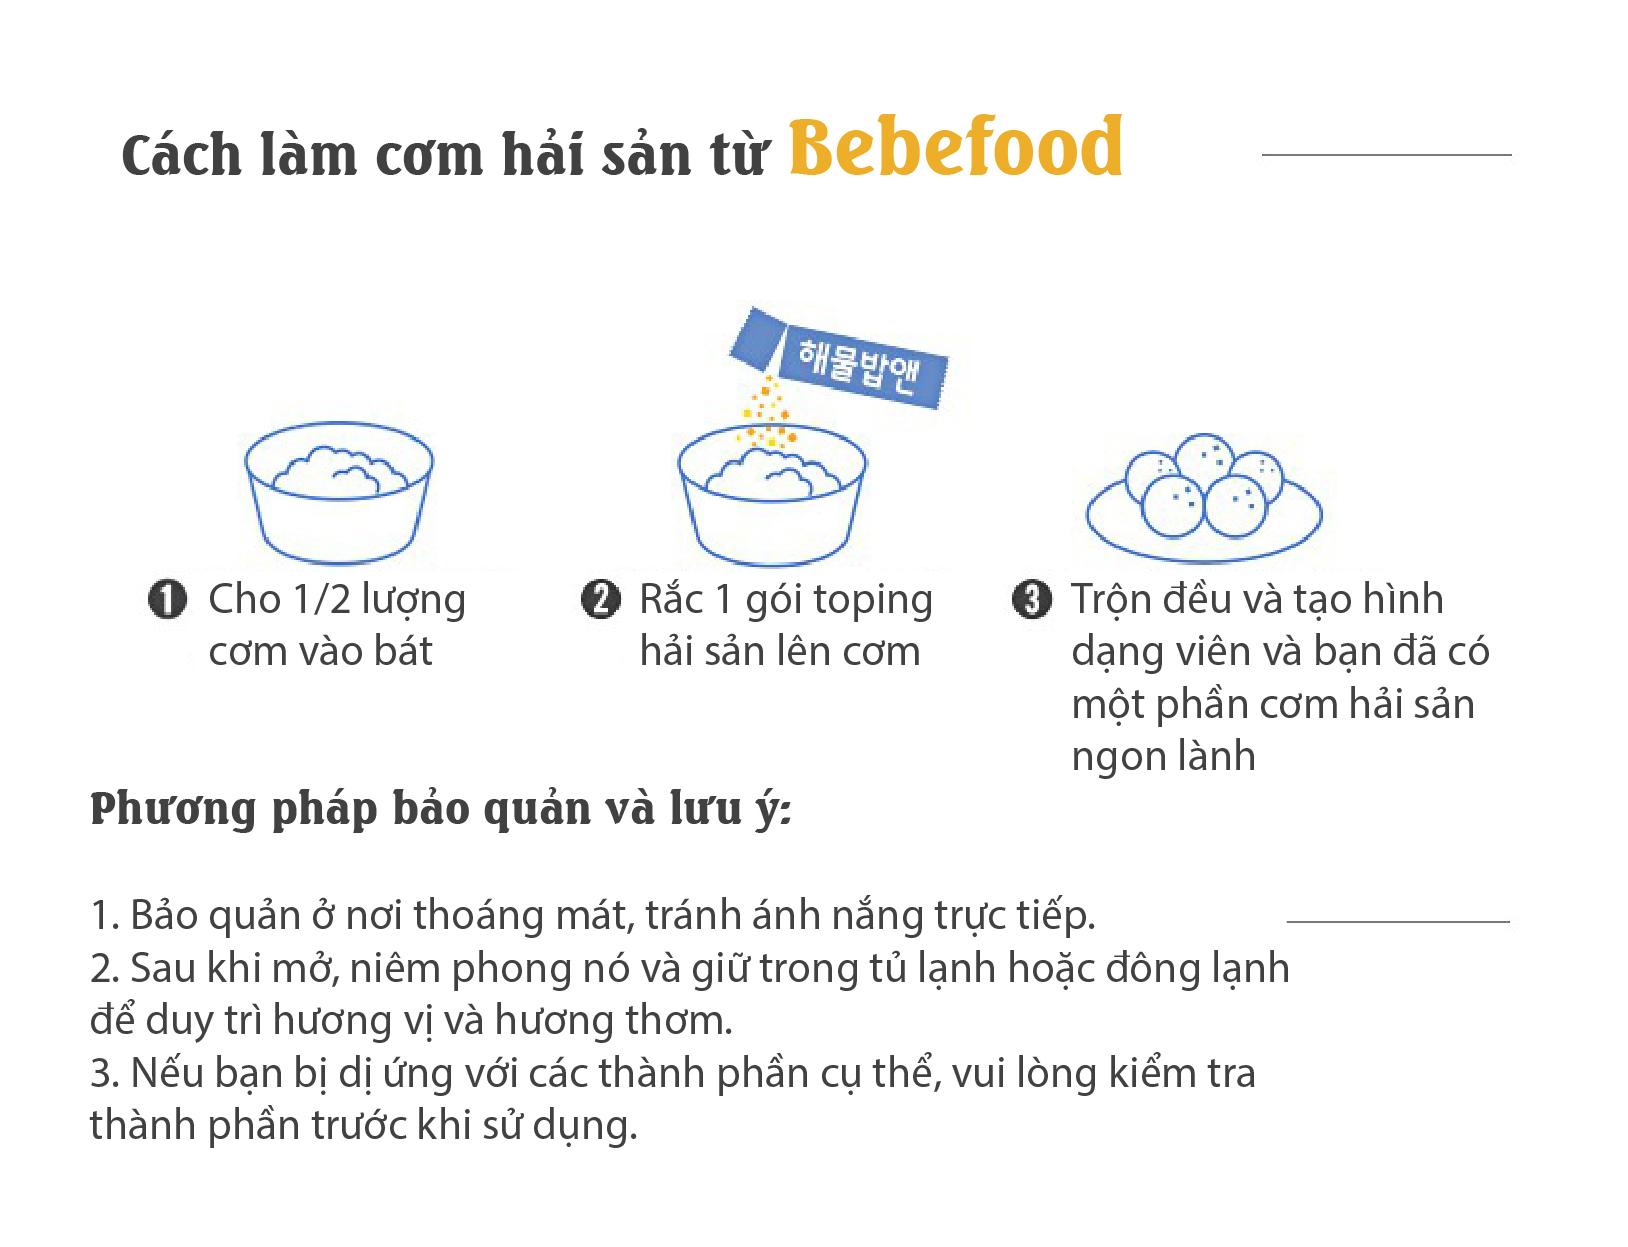 Gia vị rắc cơm cho bé Bebefood chính hãng Hàn Quốc 8